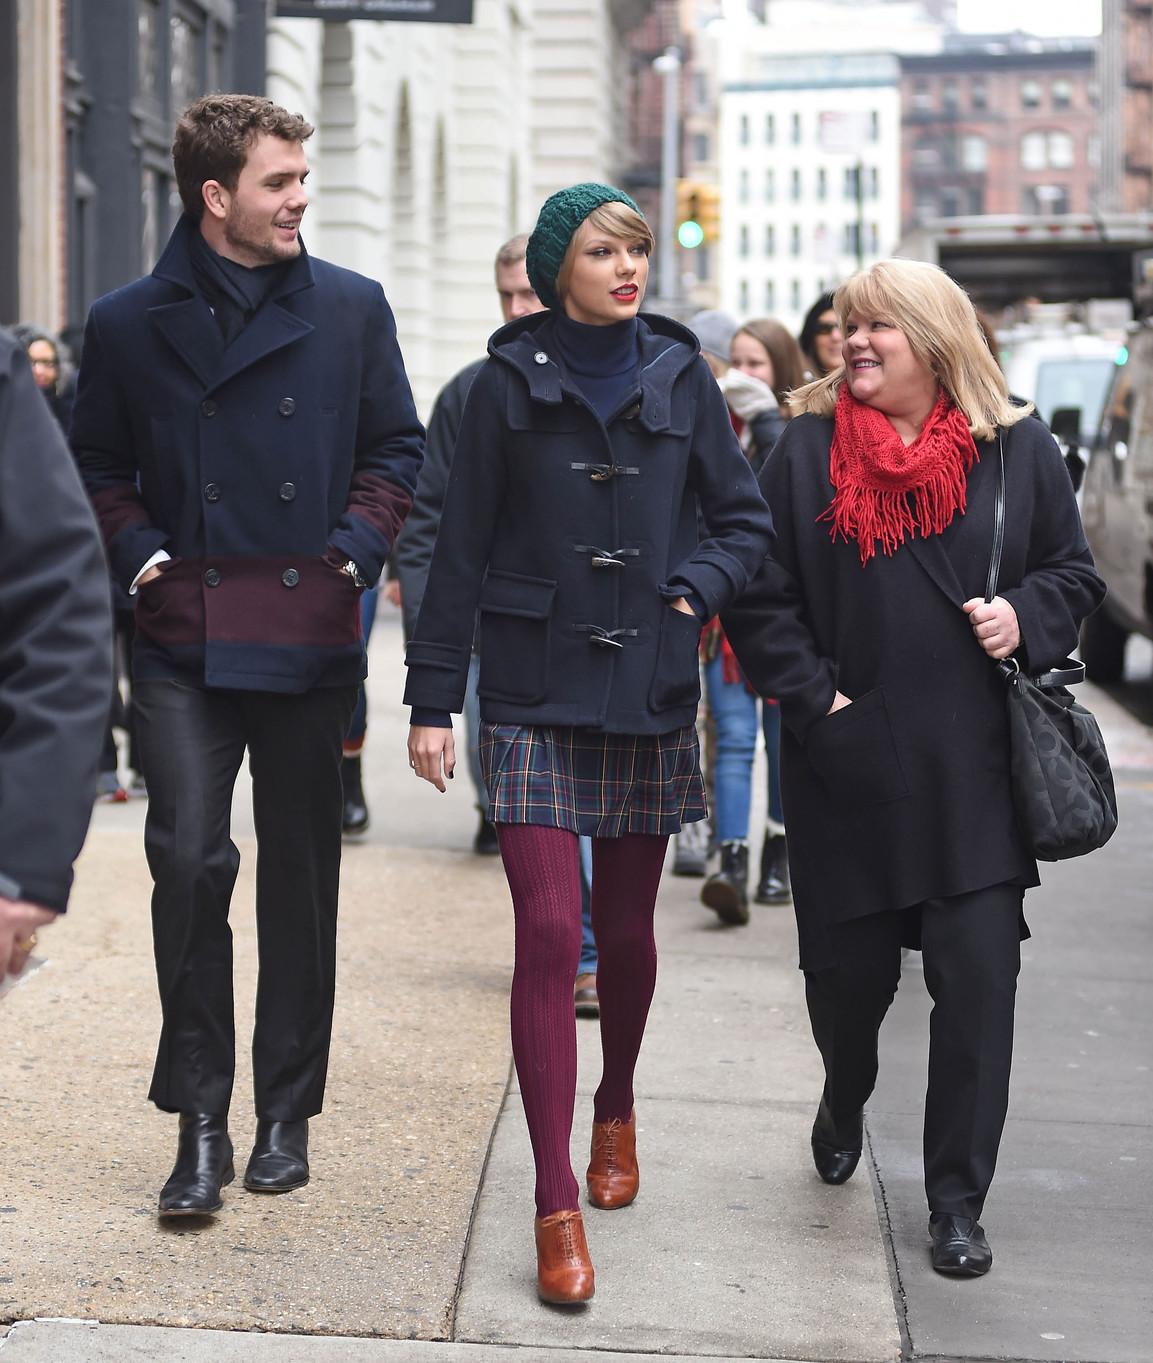 Austin Swift, Taylor Swift és édesanyjuk, Andrea Finlay a Swift család kemény magja. Taylor kiskora óta zenei karrierről álmodozott, mára beteljesült az álma, csak úgy, mint öccse Austin, aki nem rég diplomázott a Notre Dame Egyetemen és nem mellesleg kiváló fotós, akinek képeit neves magazinok is rendszeresen közlik. Fotó: GC Images